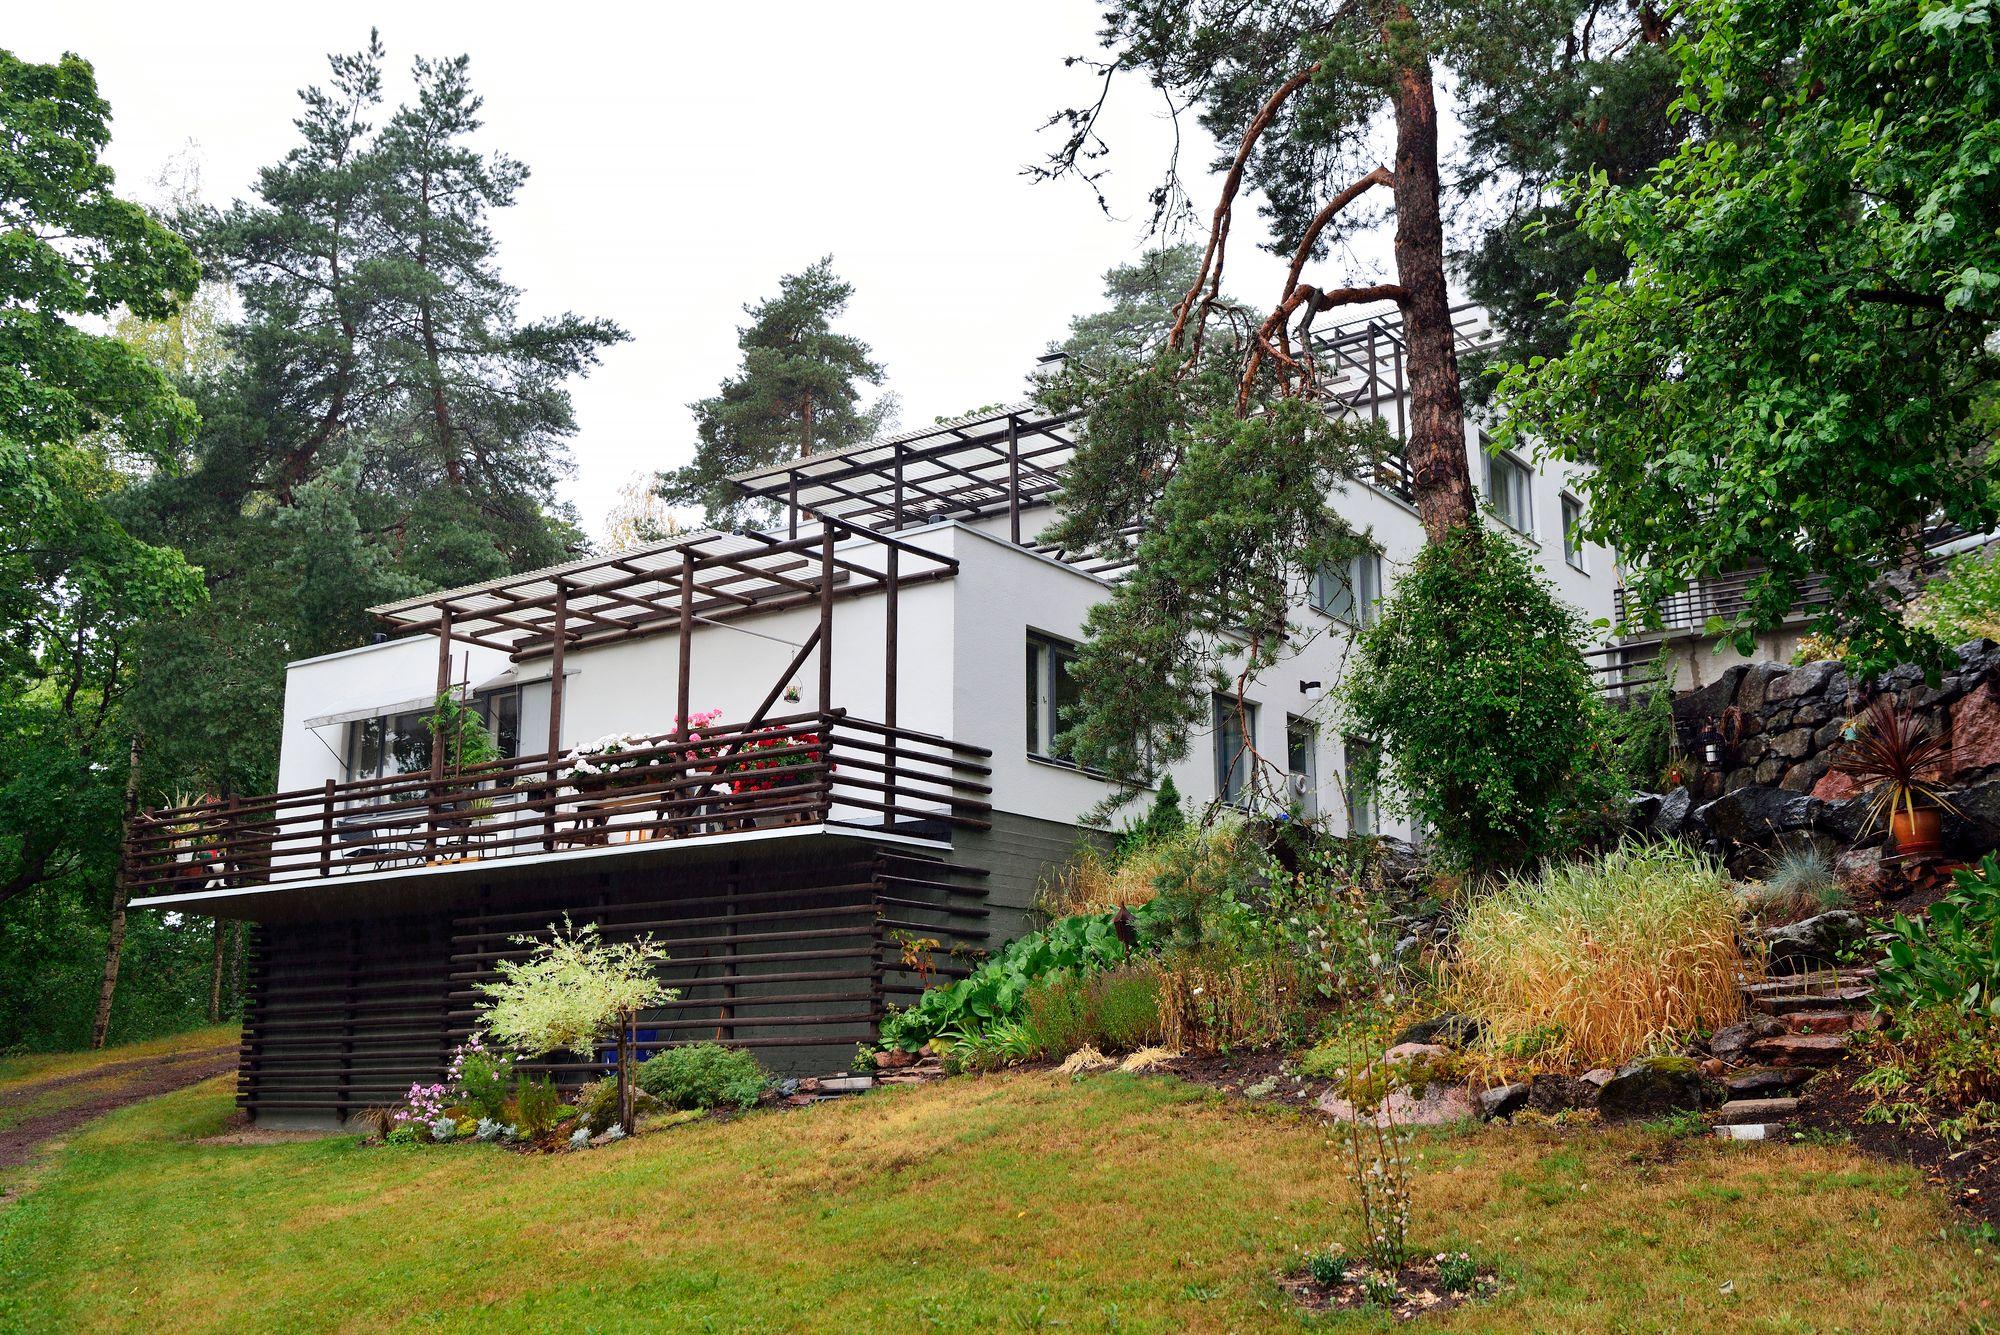 Maire ja Harry Gullichsen tilasivat Alvar Aallolta useita rakennuksia Kauttuan ruukkiin. Kuuluisin niistä on vuonna 1938 valmistunut terassitalo. © Pekka Numminen